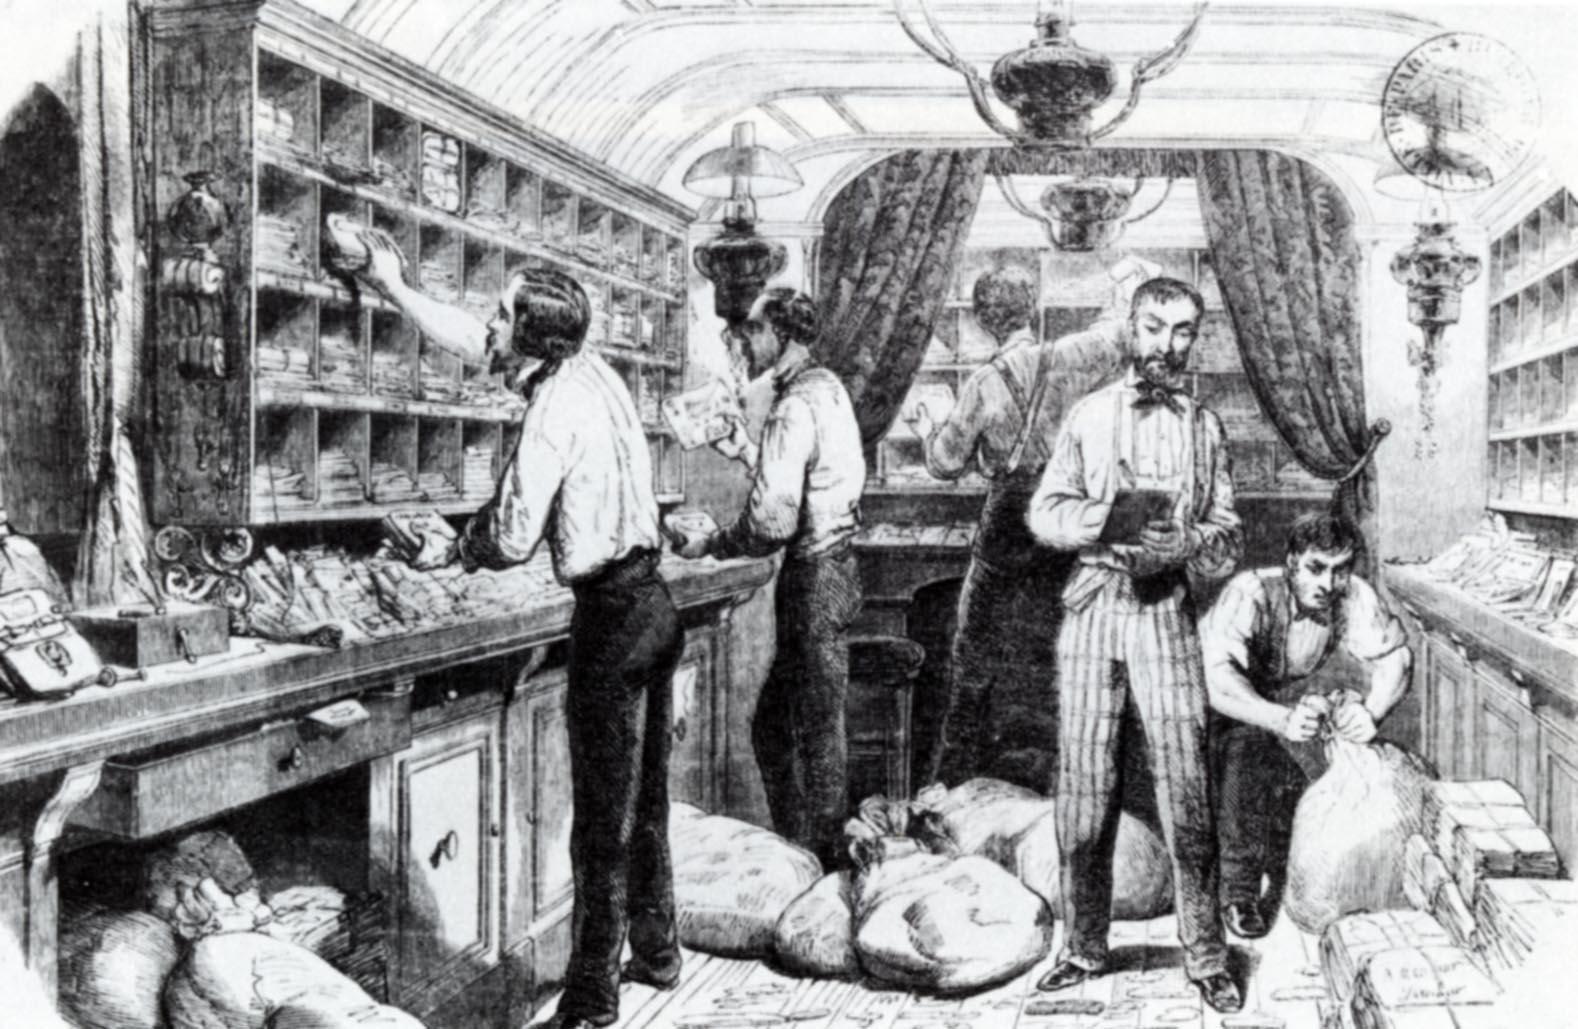 038 1870 int rieur d 39 un bureau de poste ambulant gravure des travaux de. Black Bedroom Furniture Sets. Home Design Ideas